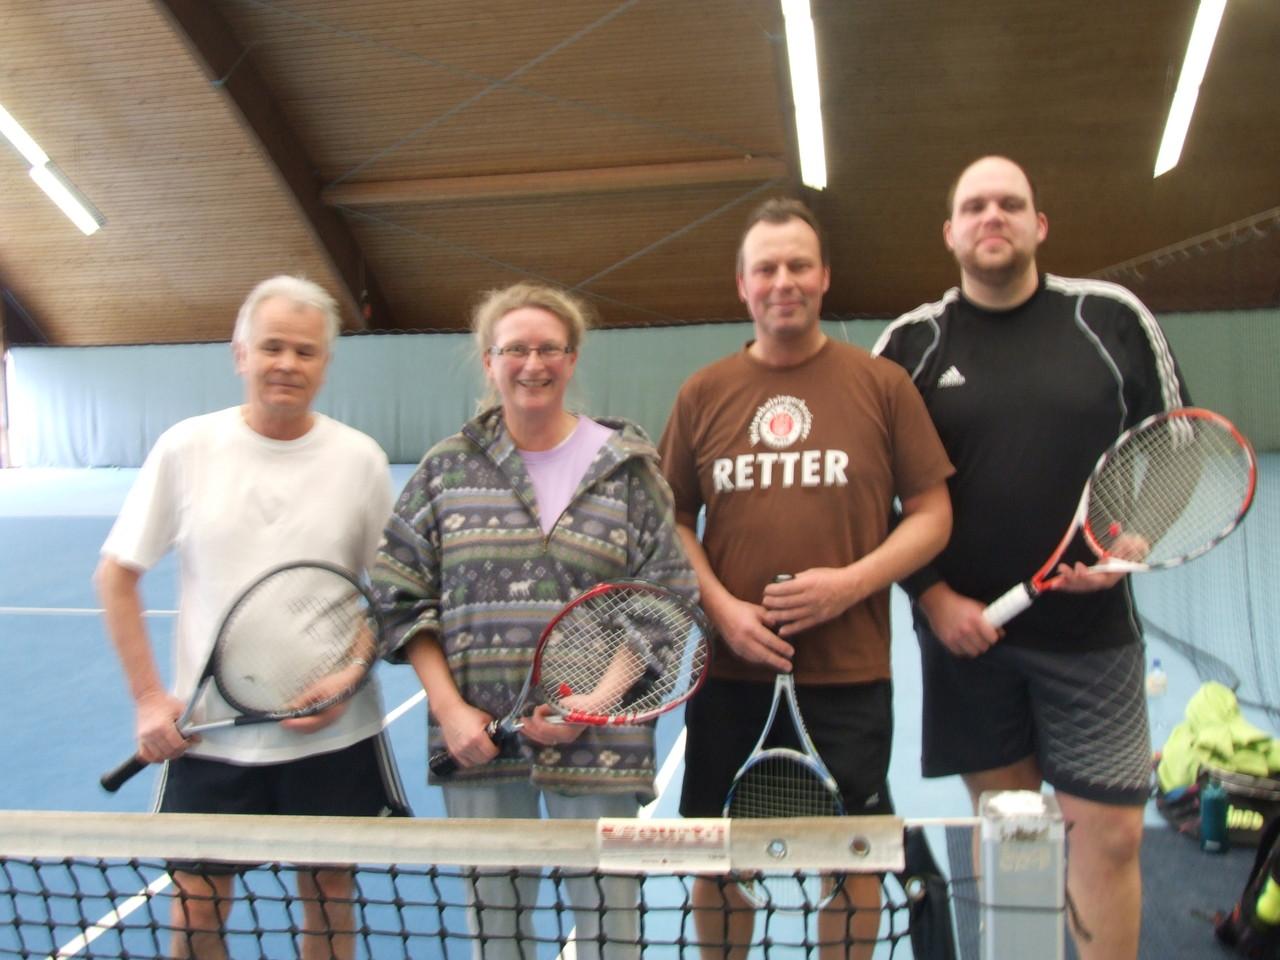 Nette Tennisrunde am 17.2 im Sportpark